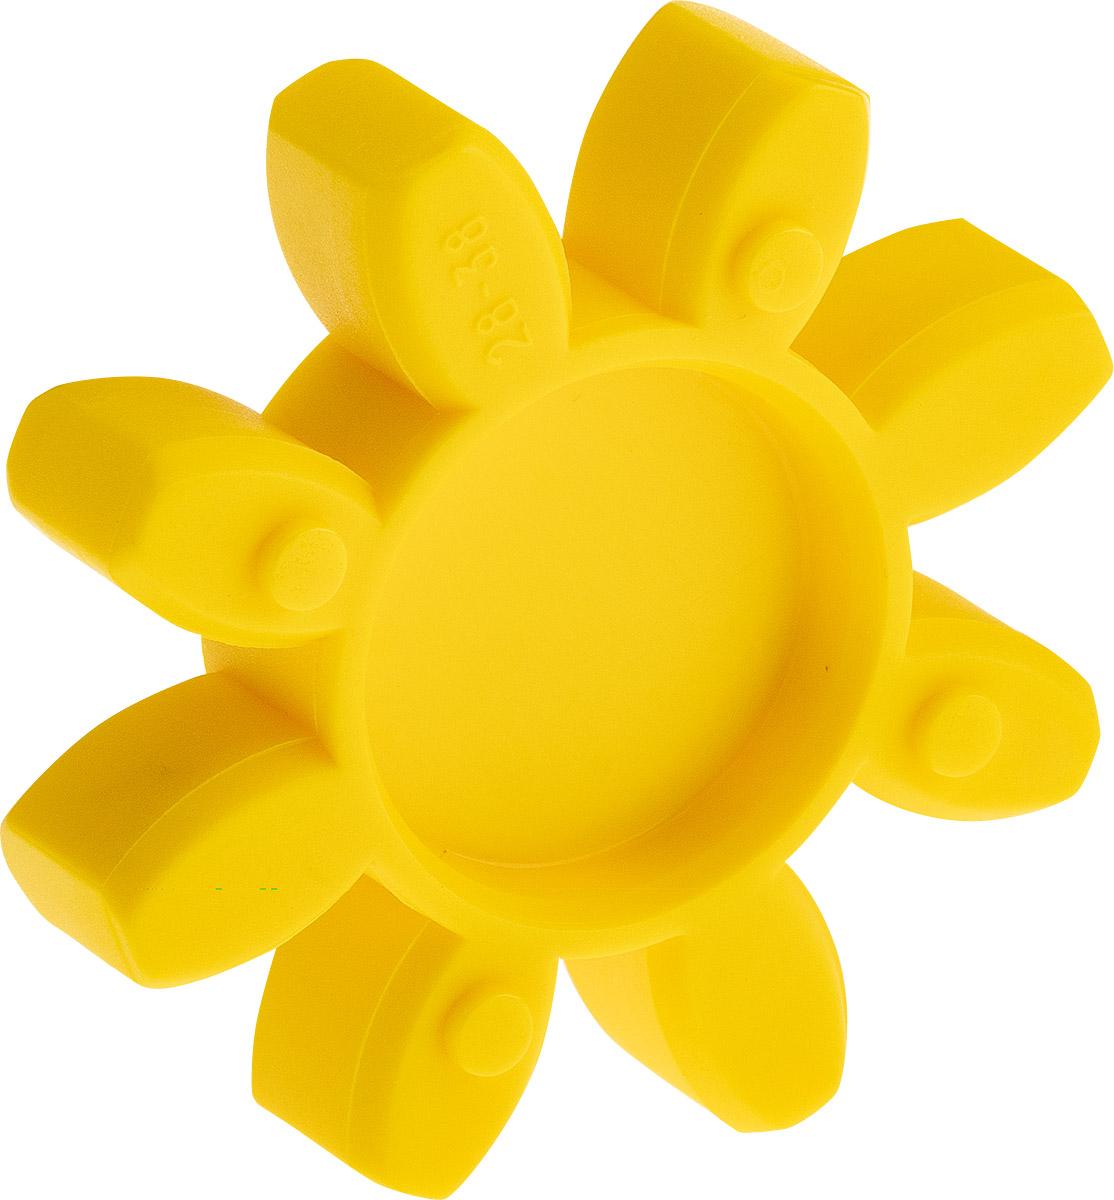 Elastomerzahnkranz spielfrei Shorehärte 92°-94° A - gelb